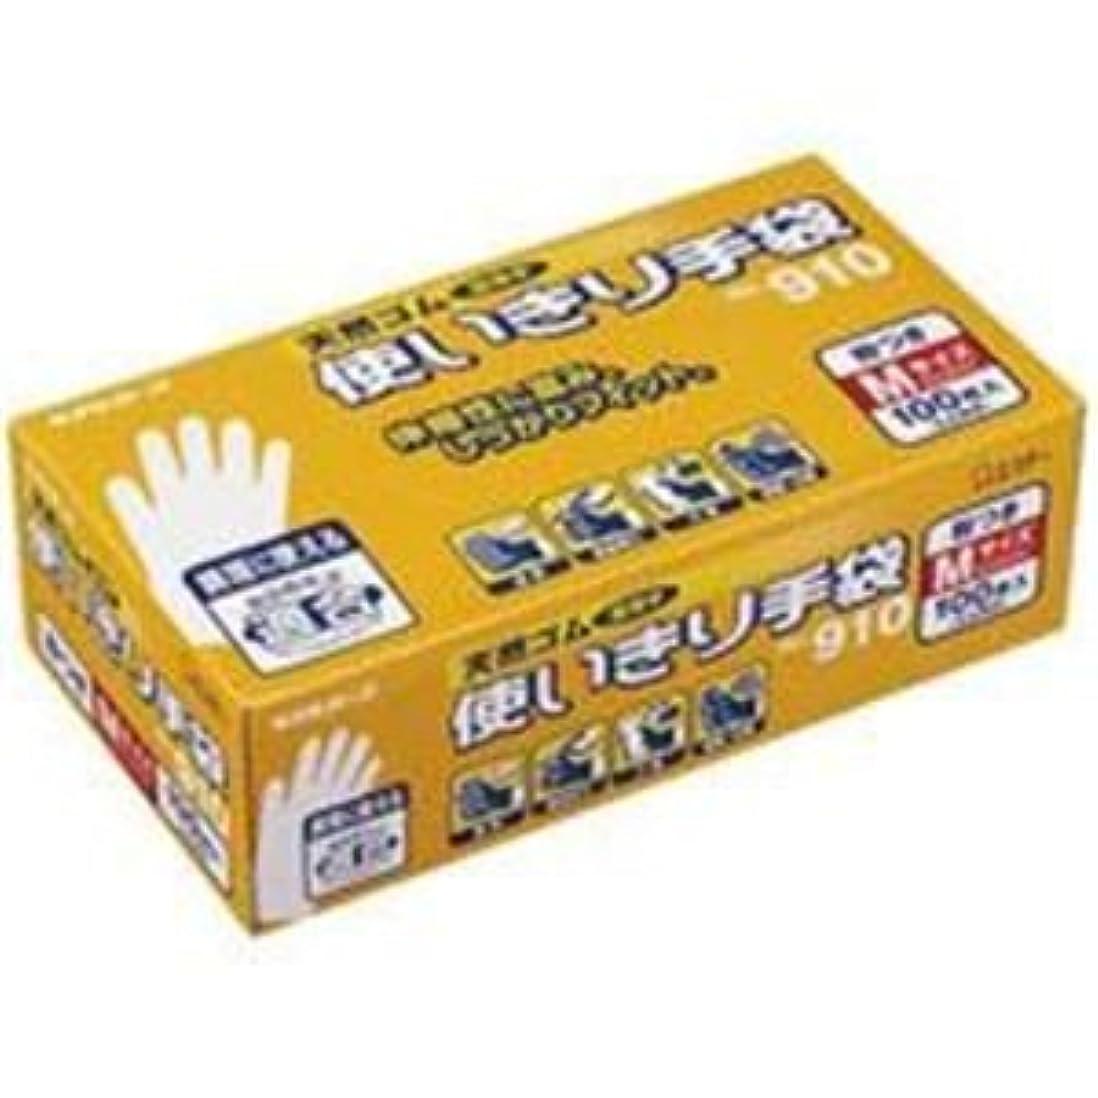 擬人化矛盾アリエステー 天然ゴム使い切り手袋 No.910 L 12箱